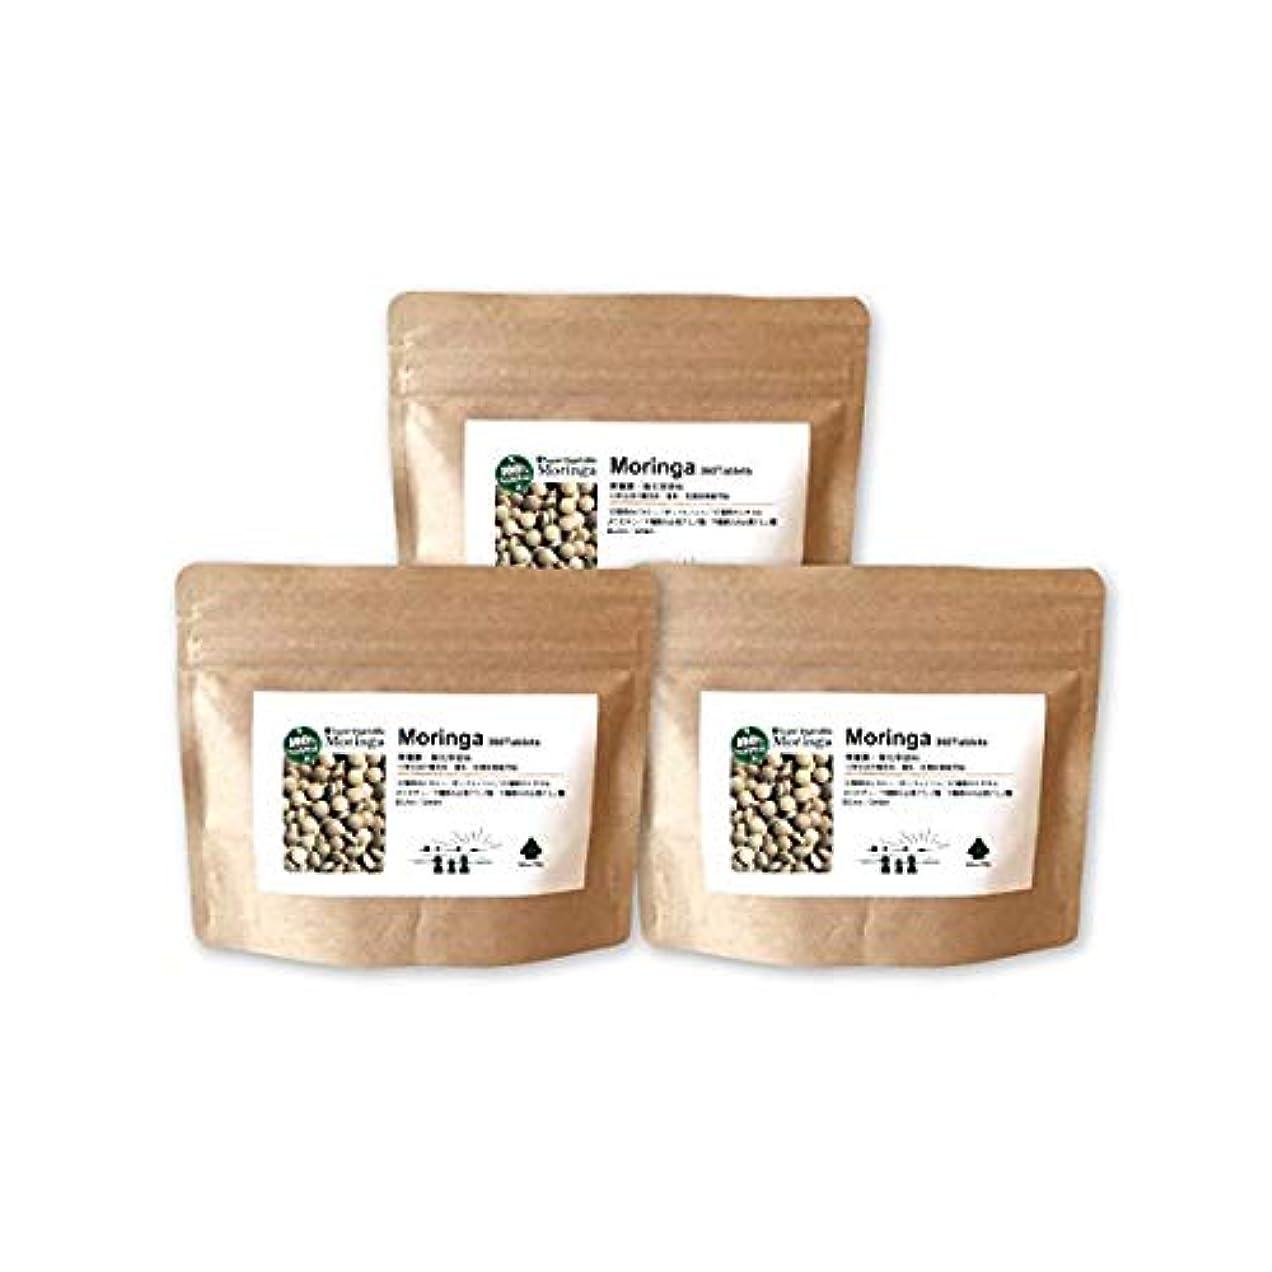 運ぶ世界マトロンモリンガ粒(3個セット) 沖縄産の無農薬?無化学肥料栽培モリンガ葉使用